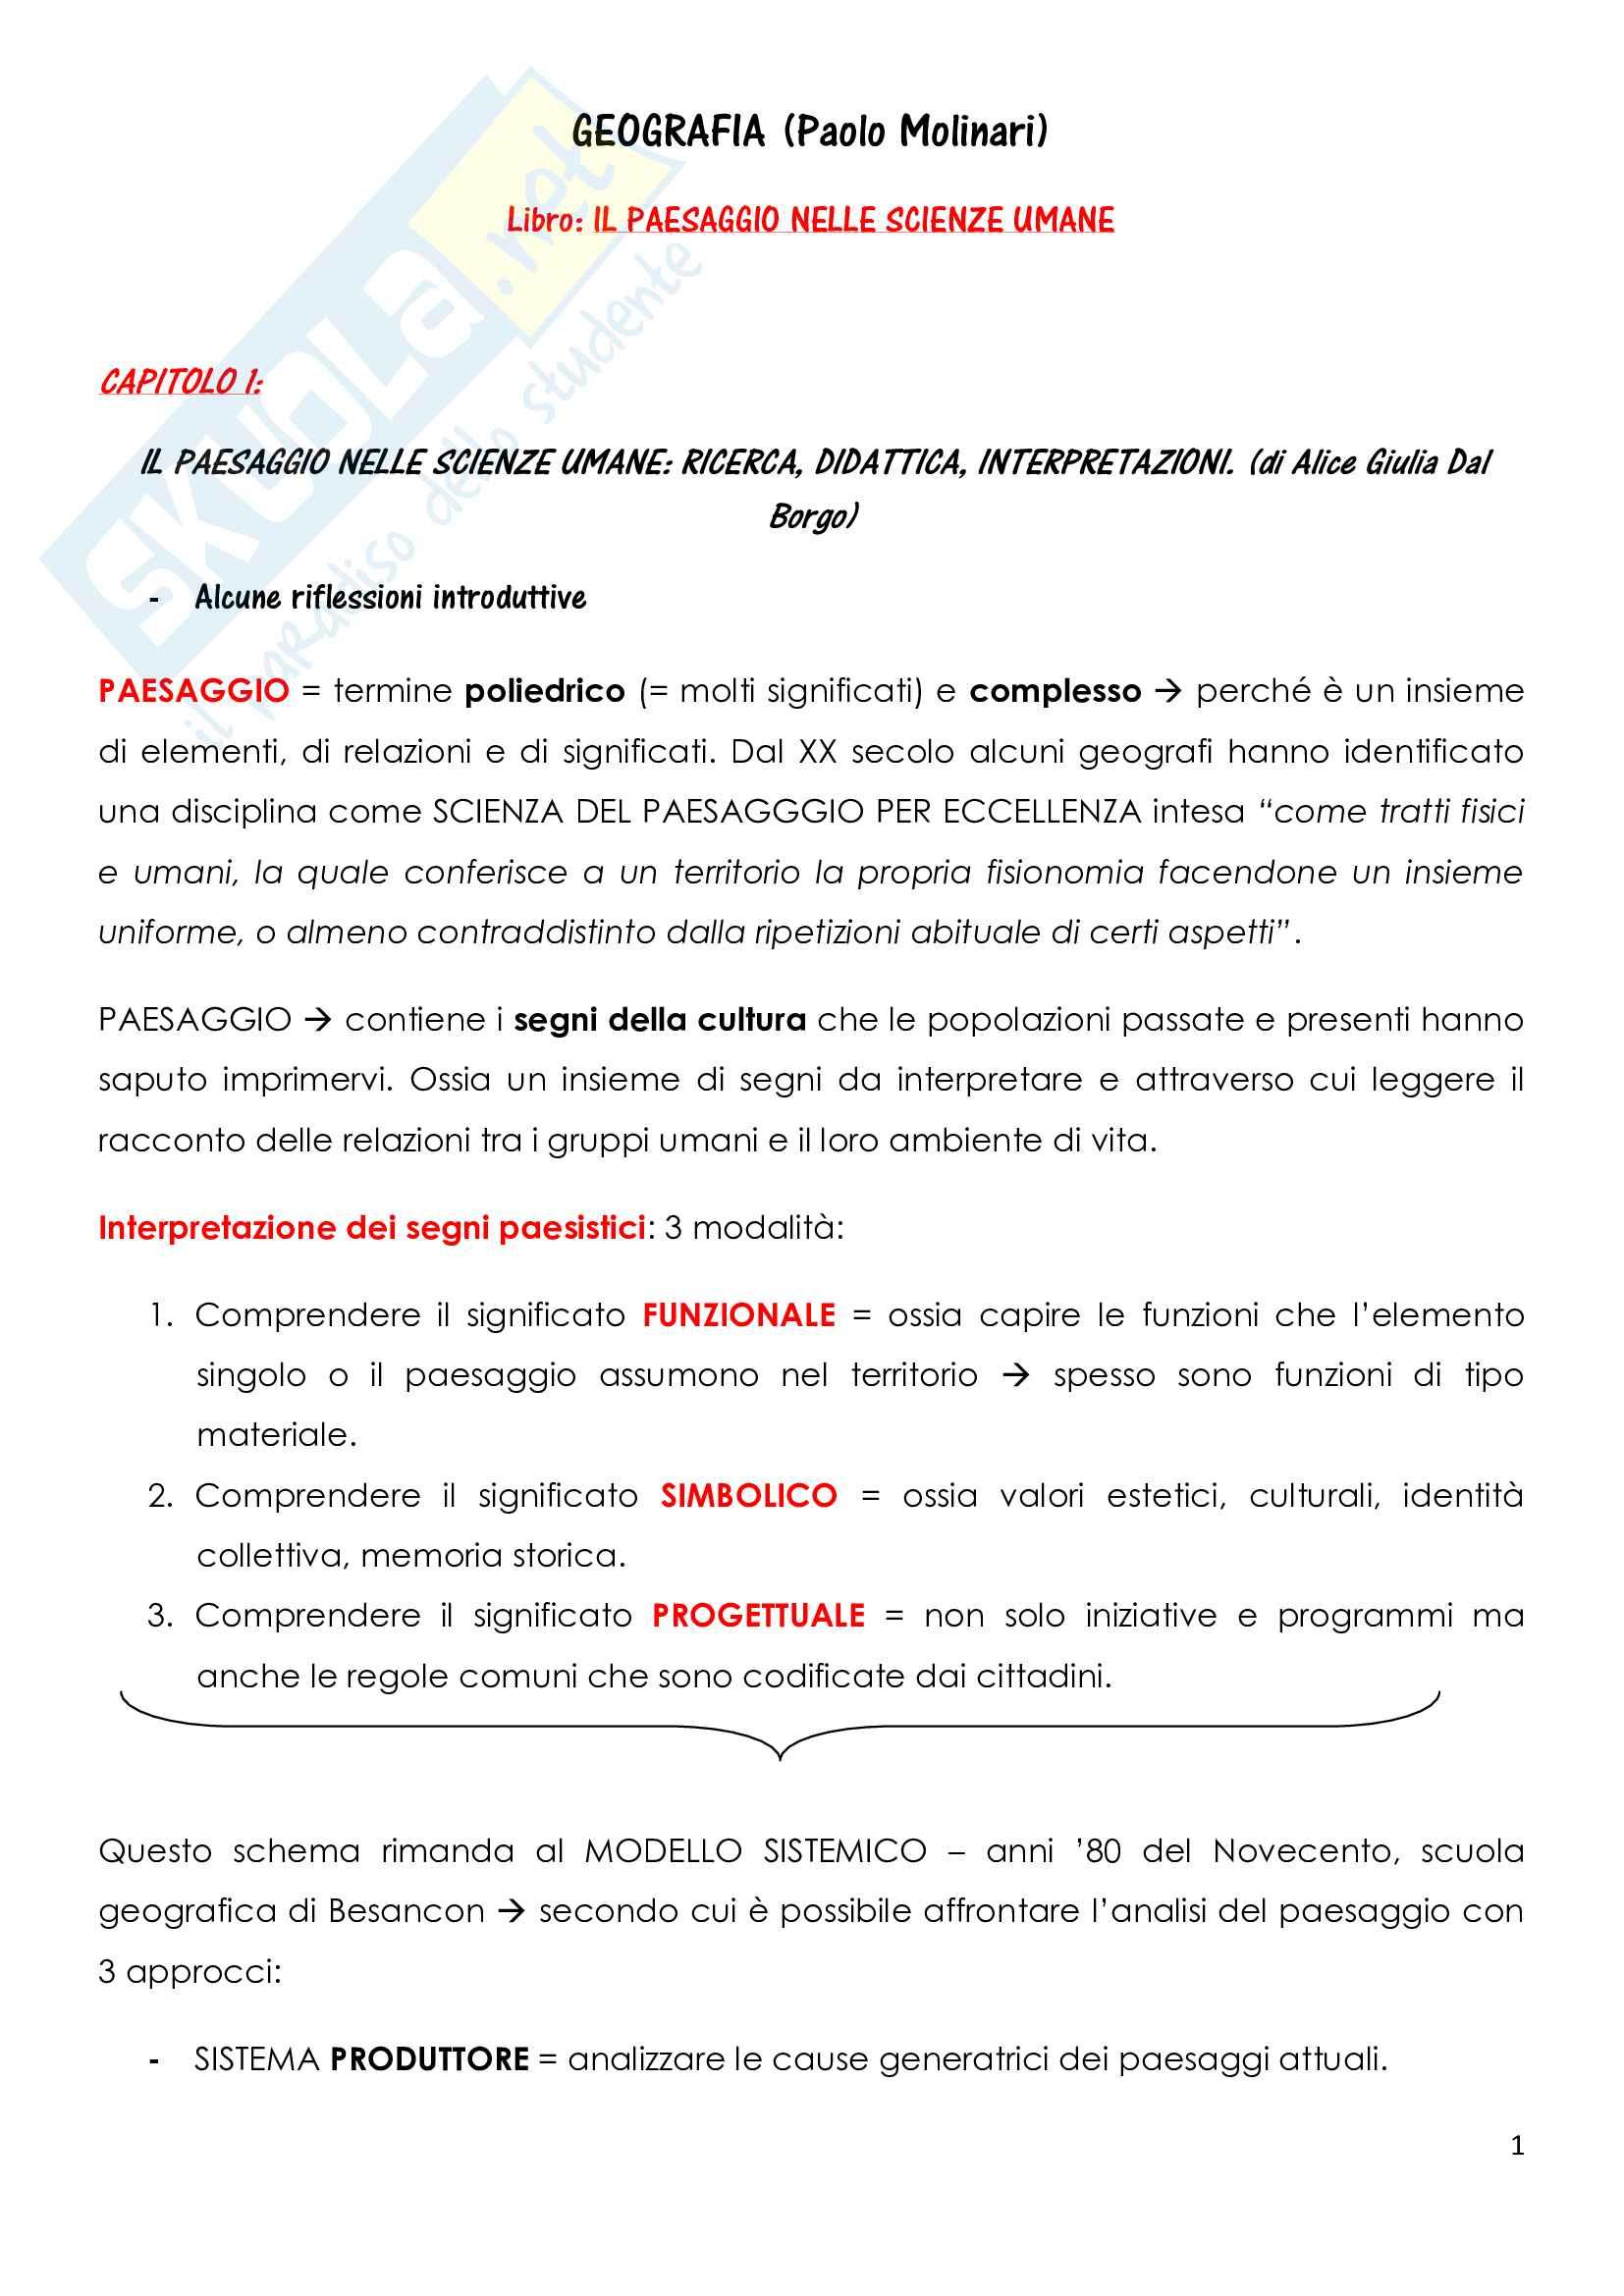 Riassunto esame Geografia, docente Molinari, libro consigliato Il paesaggio nelle scienze umane, Dal Borgo, Gavinelli